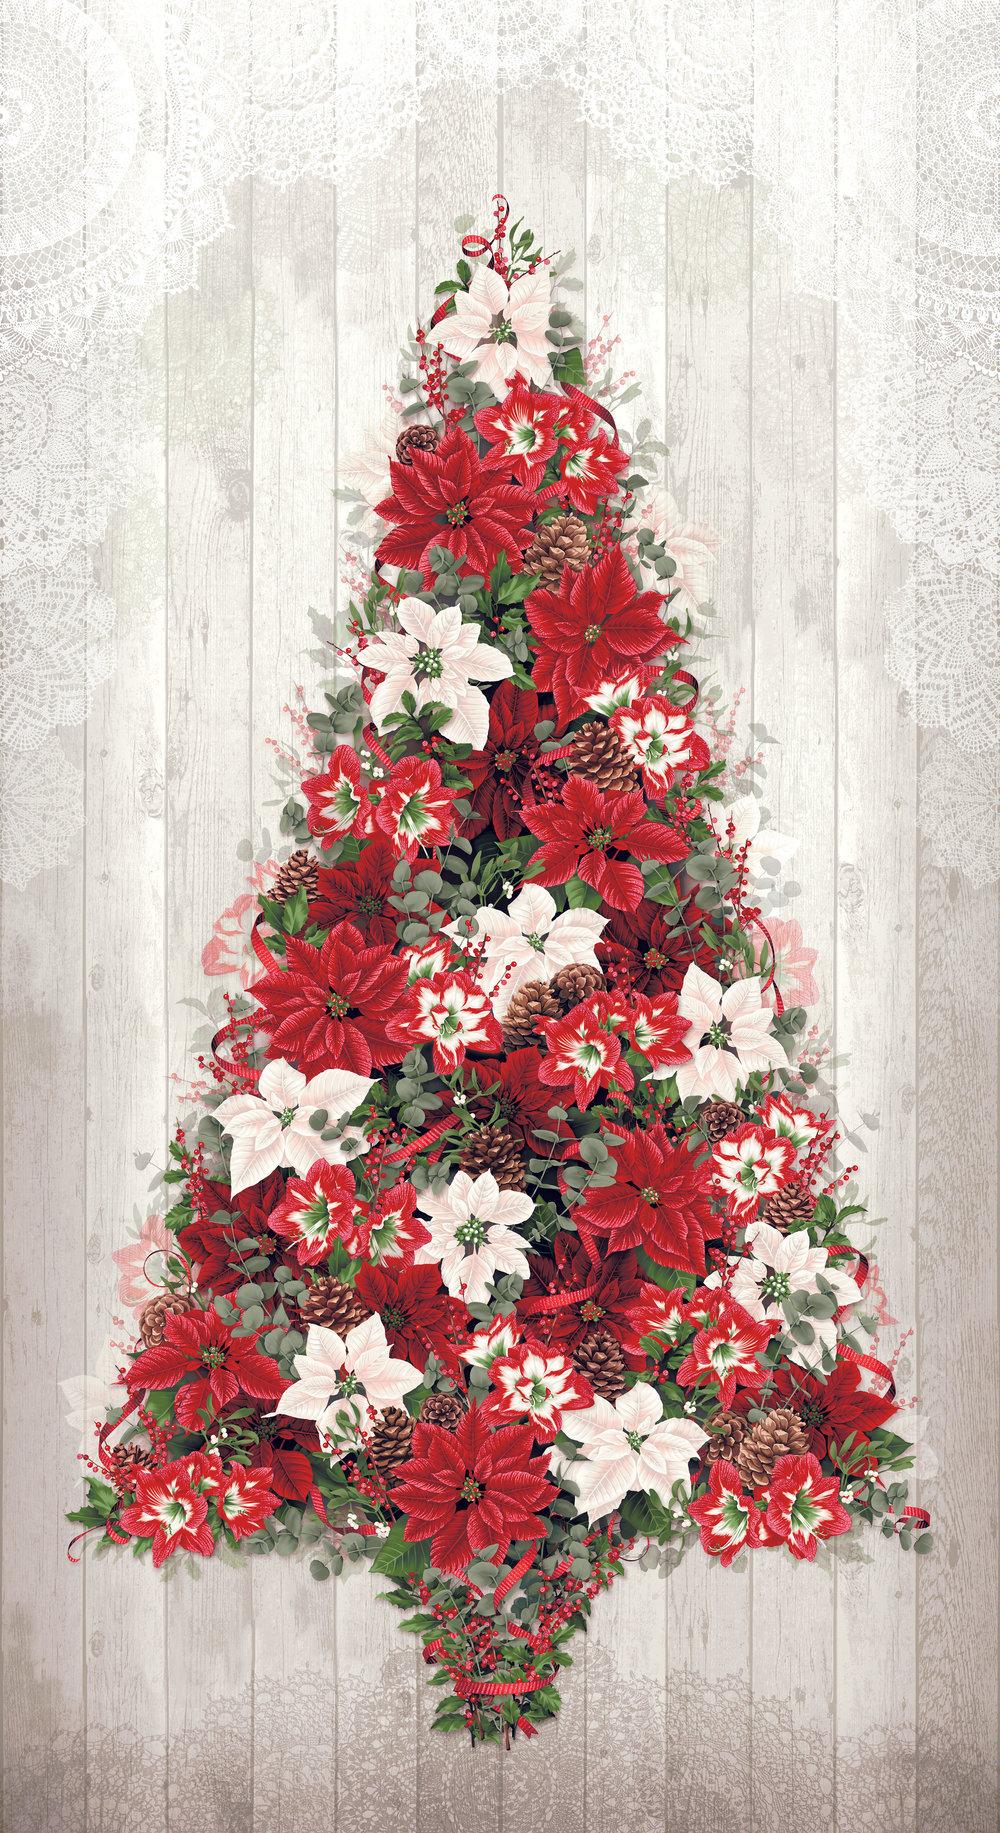 Let it Sparkle - Cozy Christmas Digital Panel